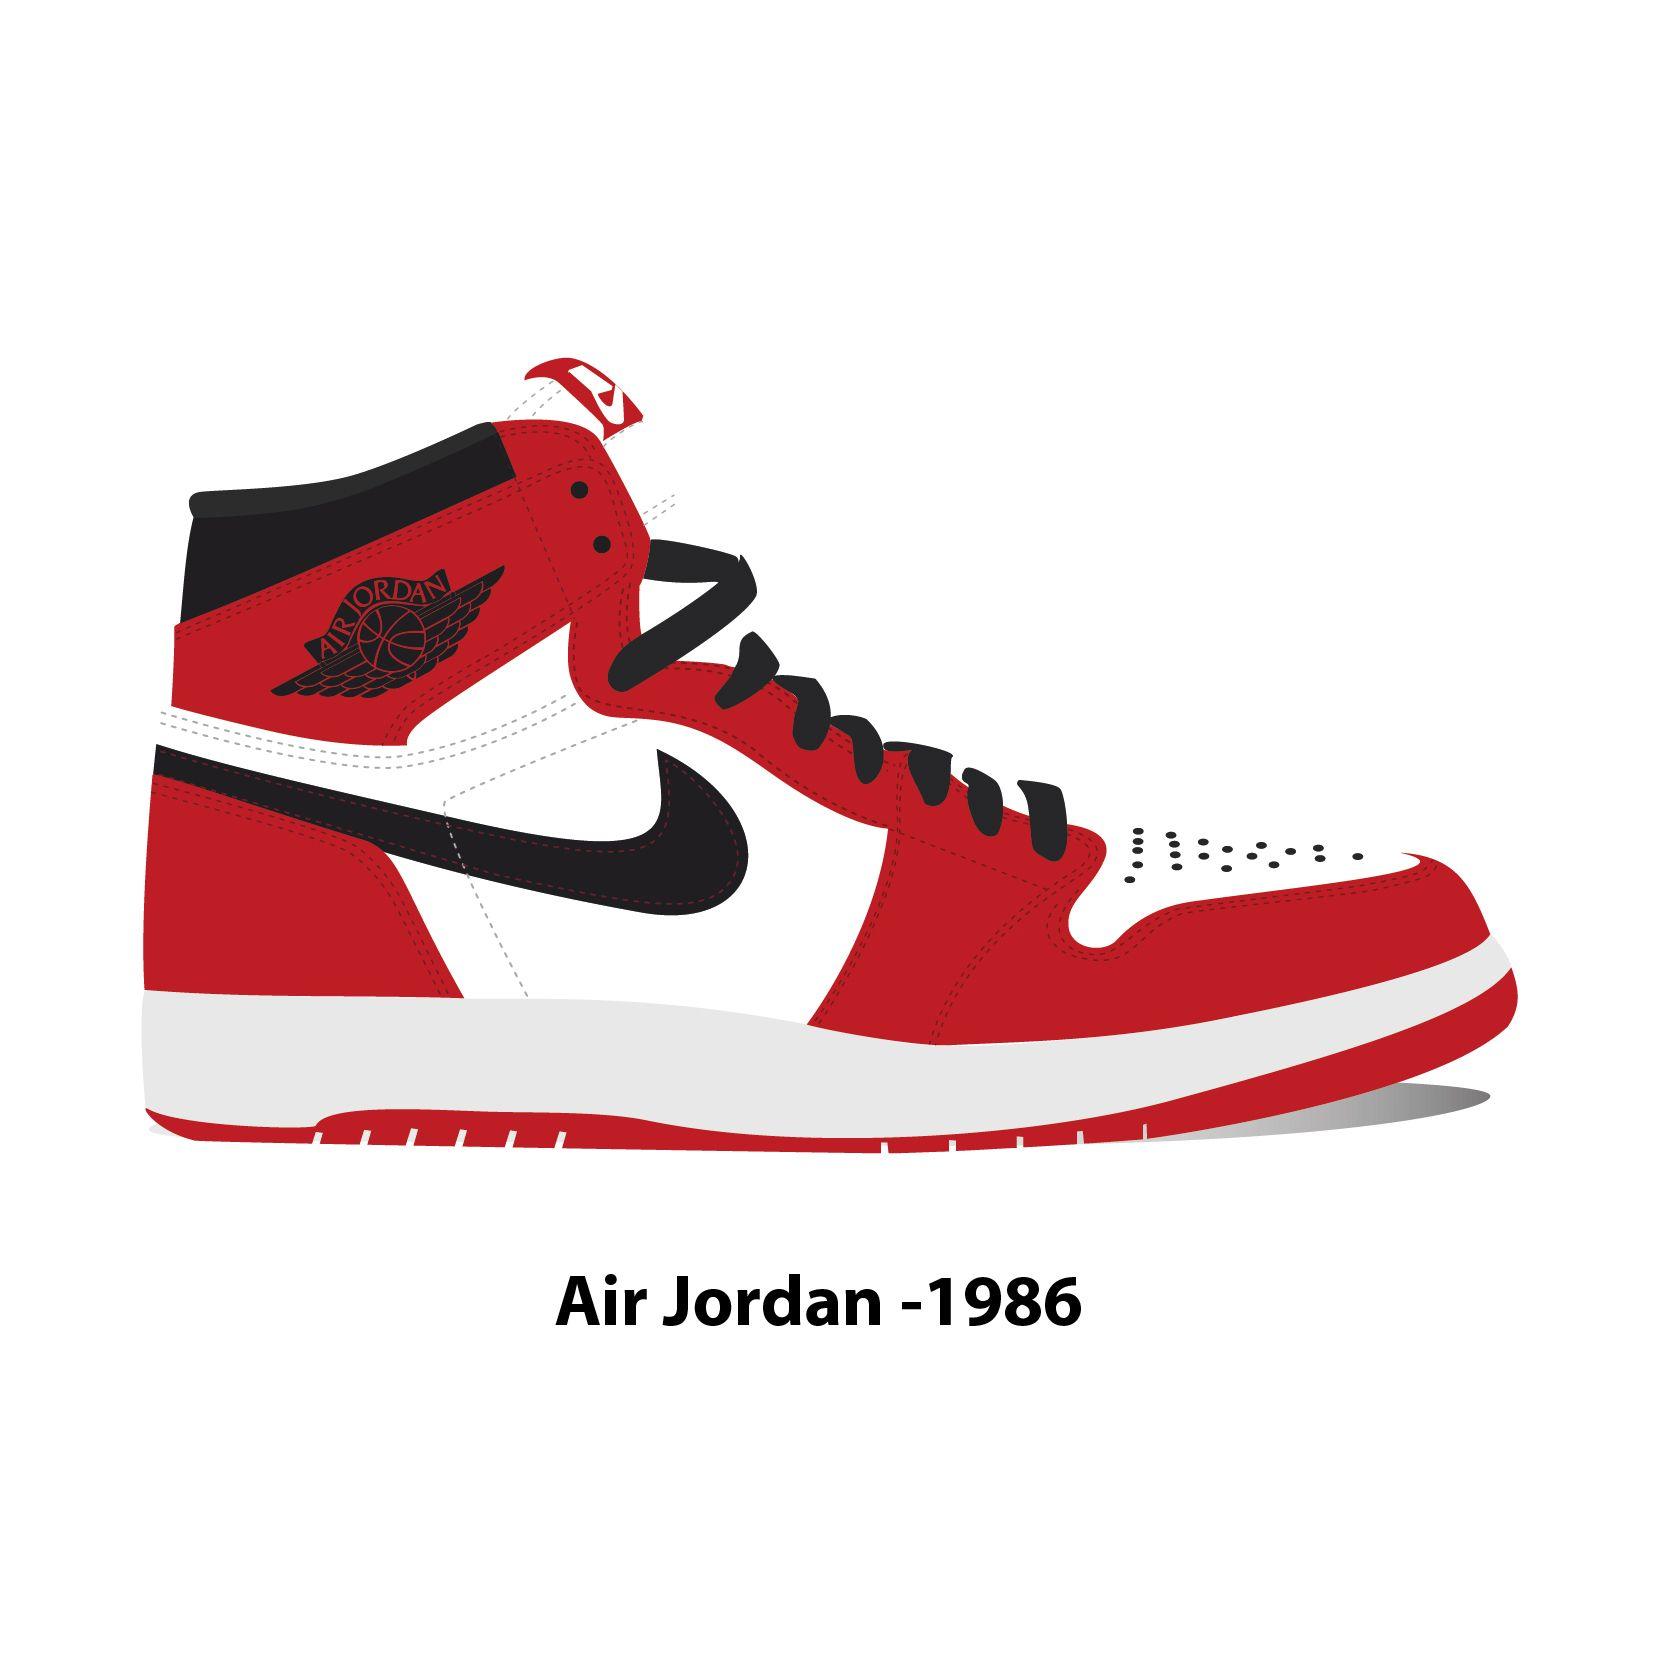 Air Jordan 1986 Air Jordans Sneakers Sketch Sport Outfit Men